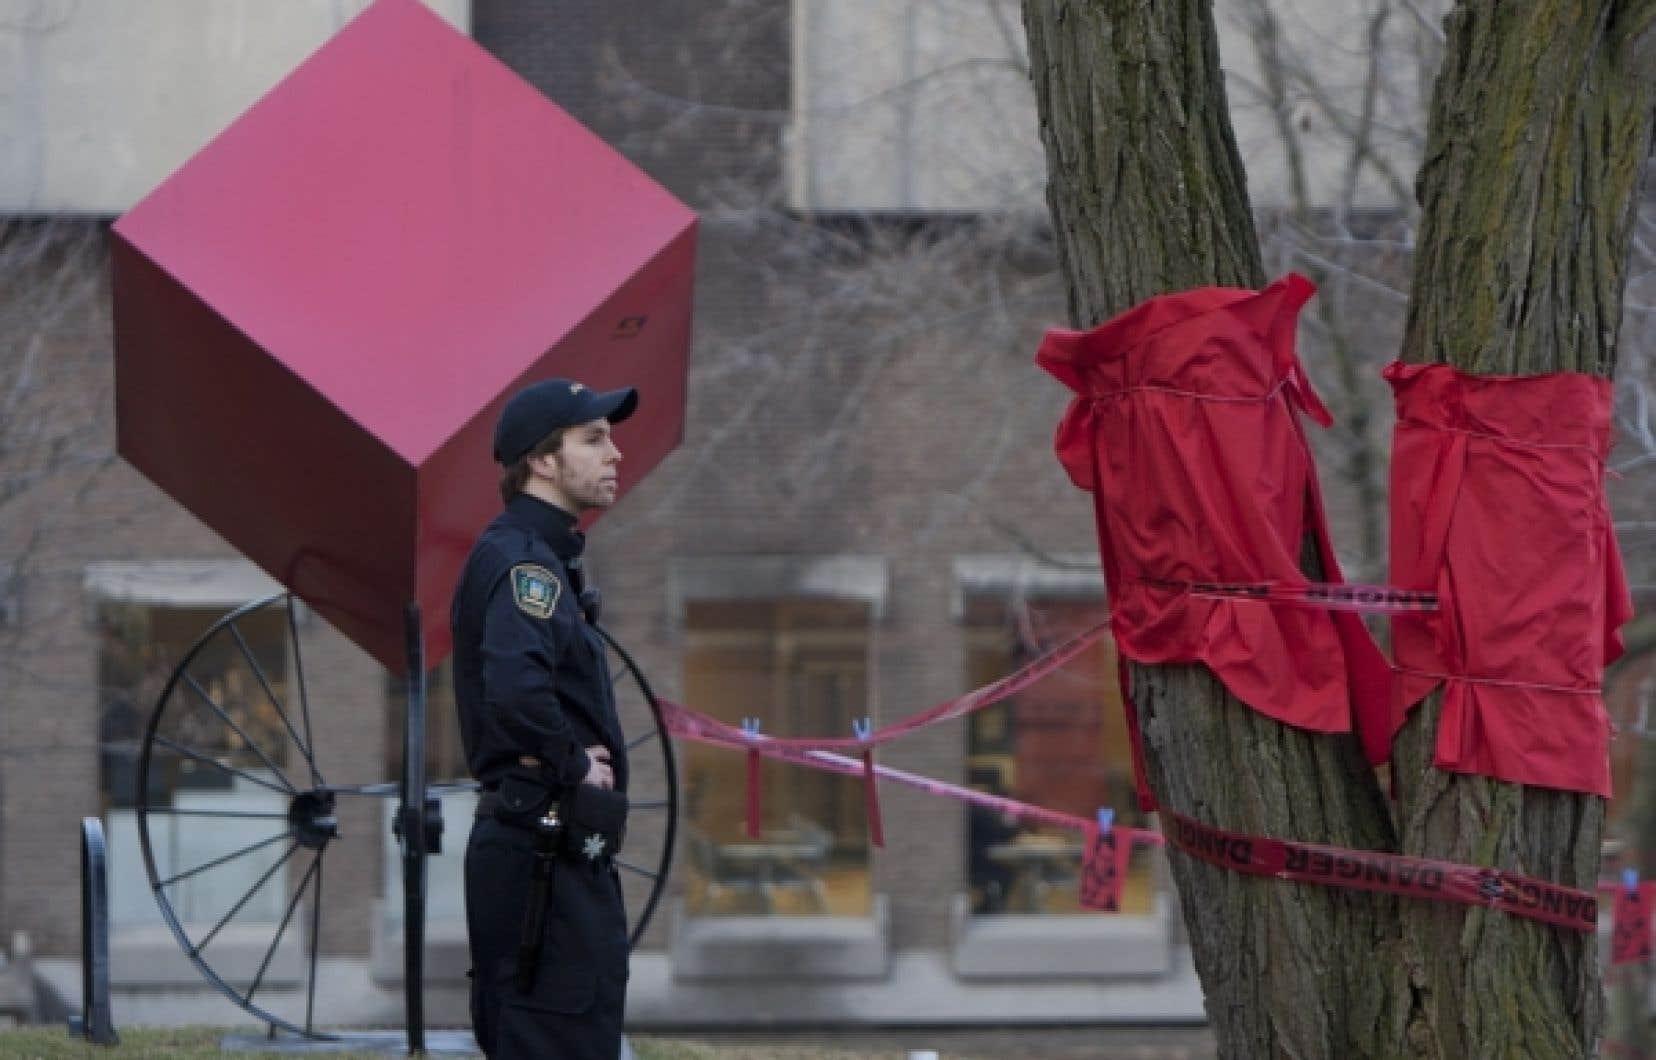 Des gardiens de sécurité sillonnent le campus de l'Université de Montréal. Une situation que des étudiants qualifient d'intimidante.<br />